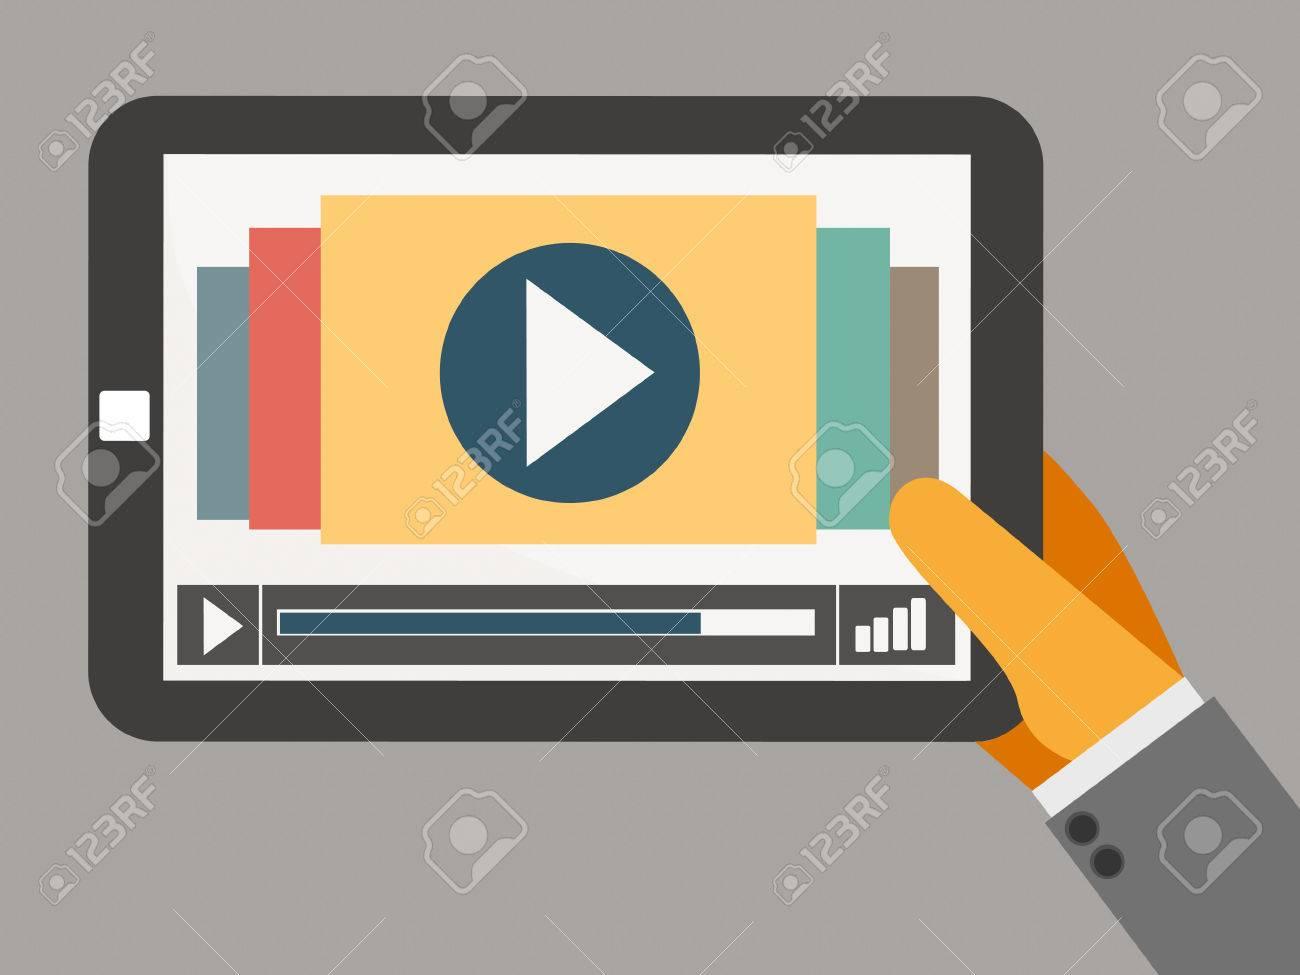 odnu-vsey-kompaniey-video